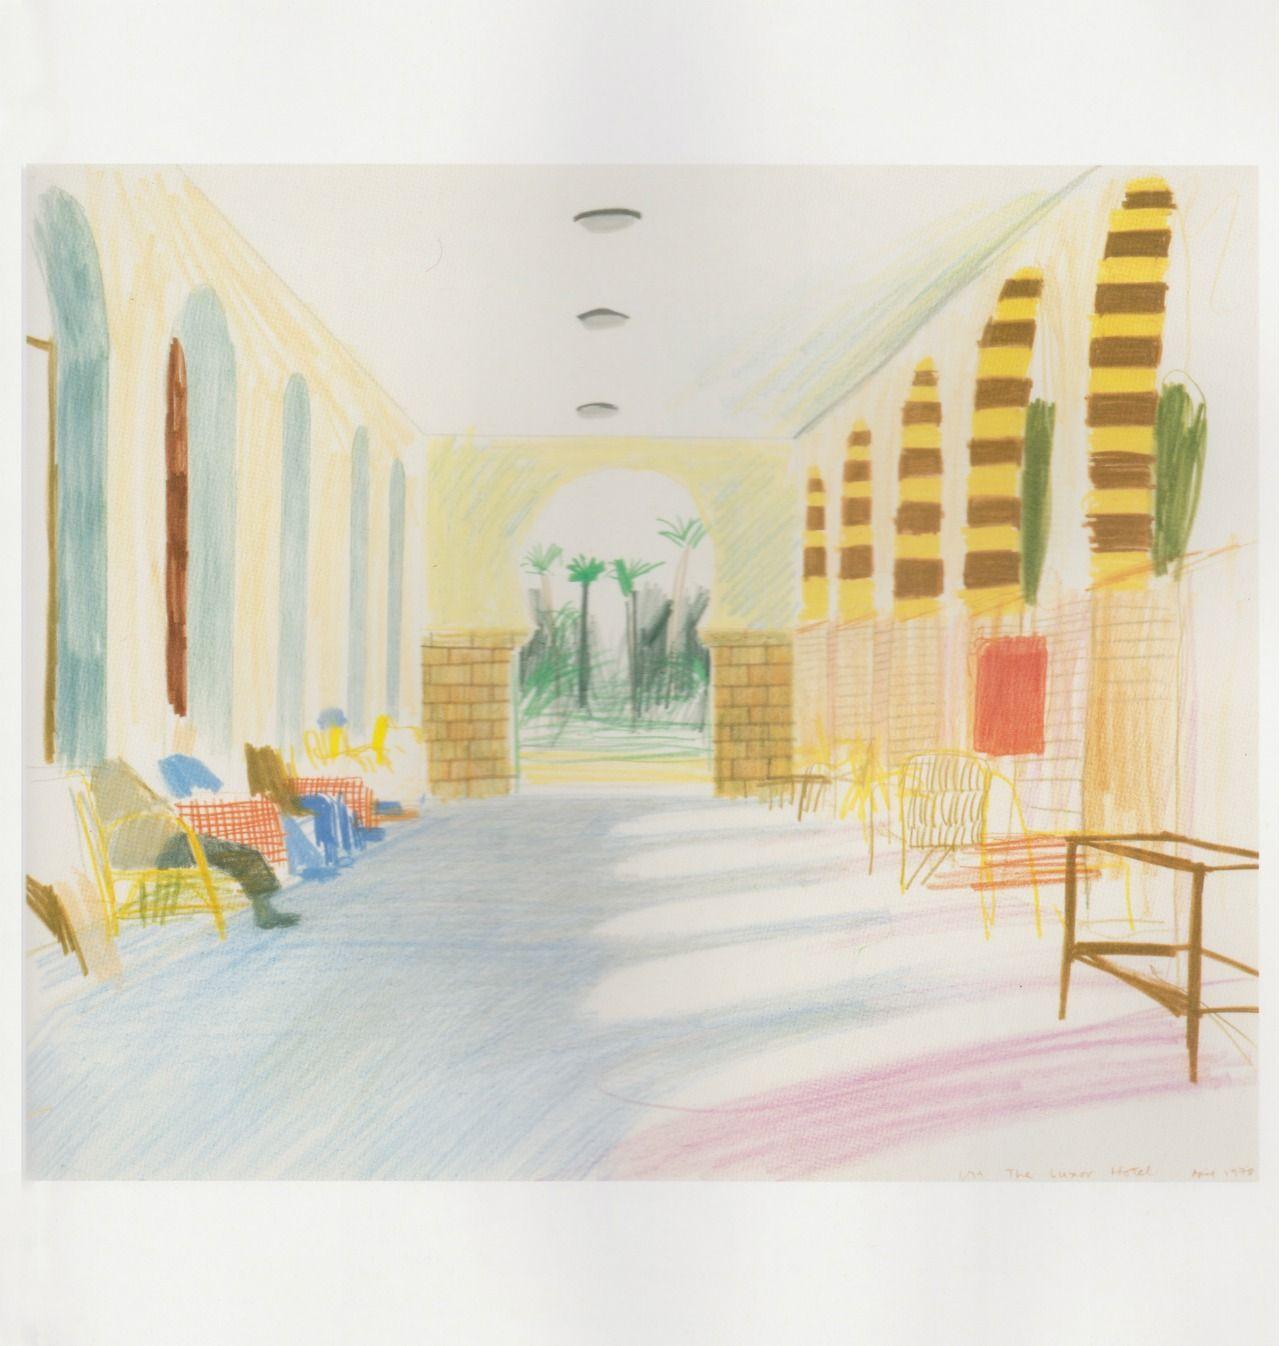 Pin Van Douglas Moyer Op Art Kleurpotloden Illustratie Schilderij